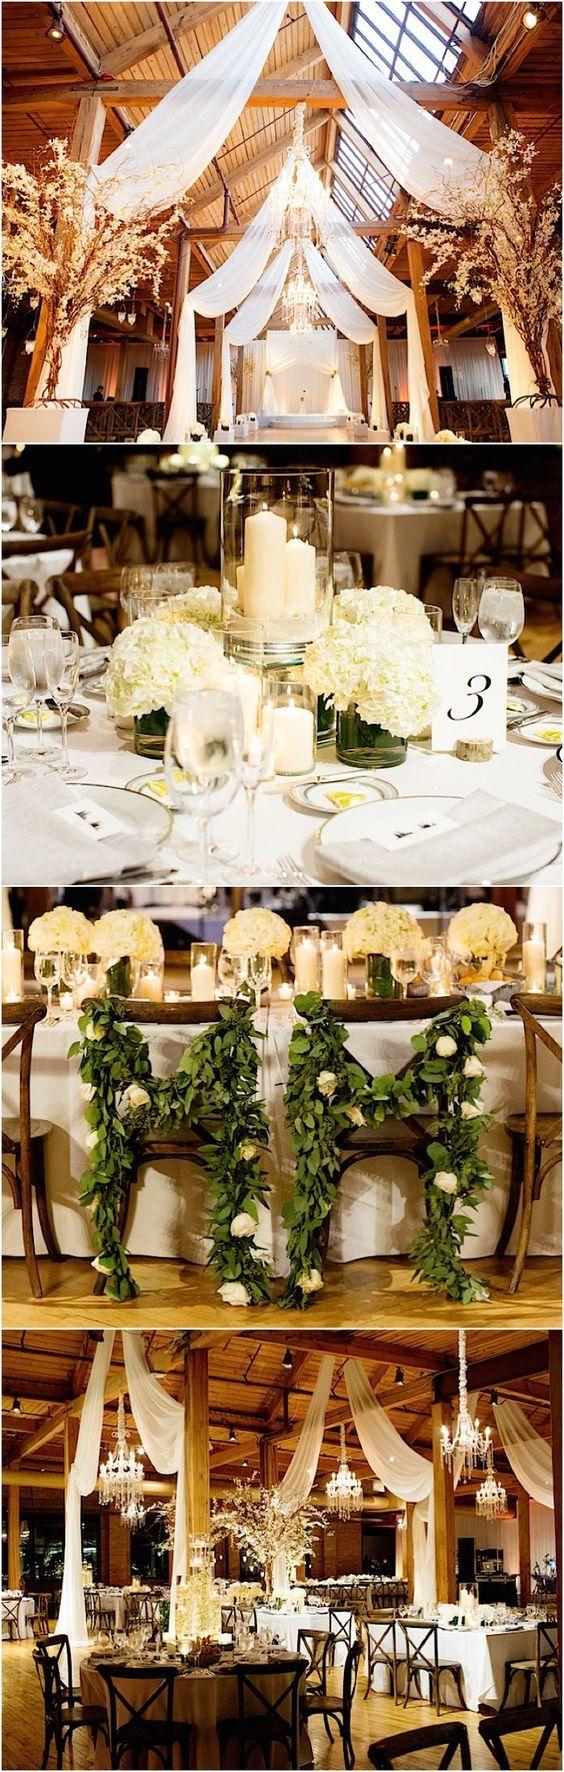 rustic barn wedding reception idea / http://www.himisspuff.com/rustic-indoor-barn-wedding-reception-ideas/9/